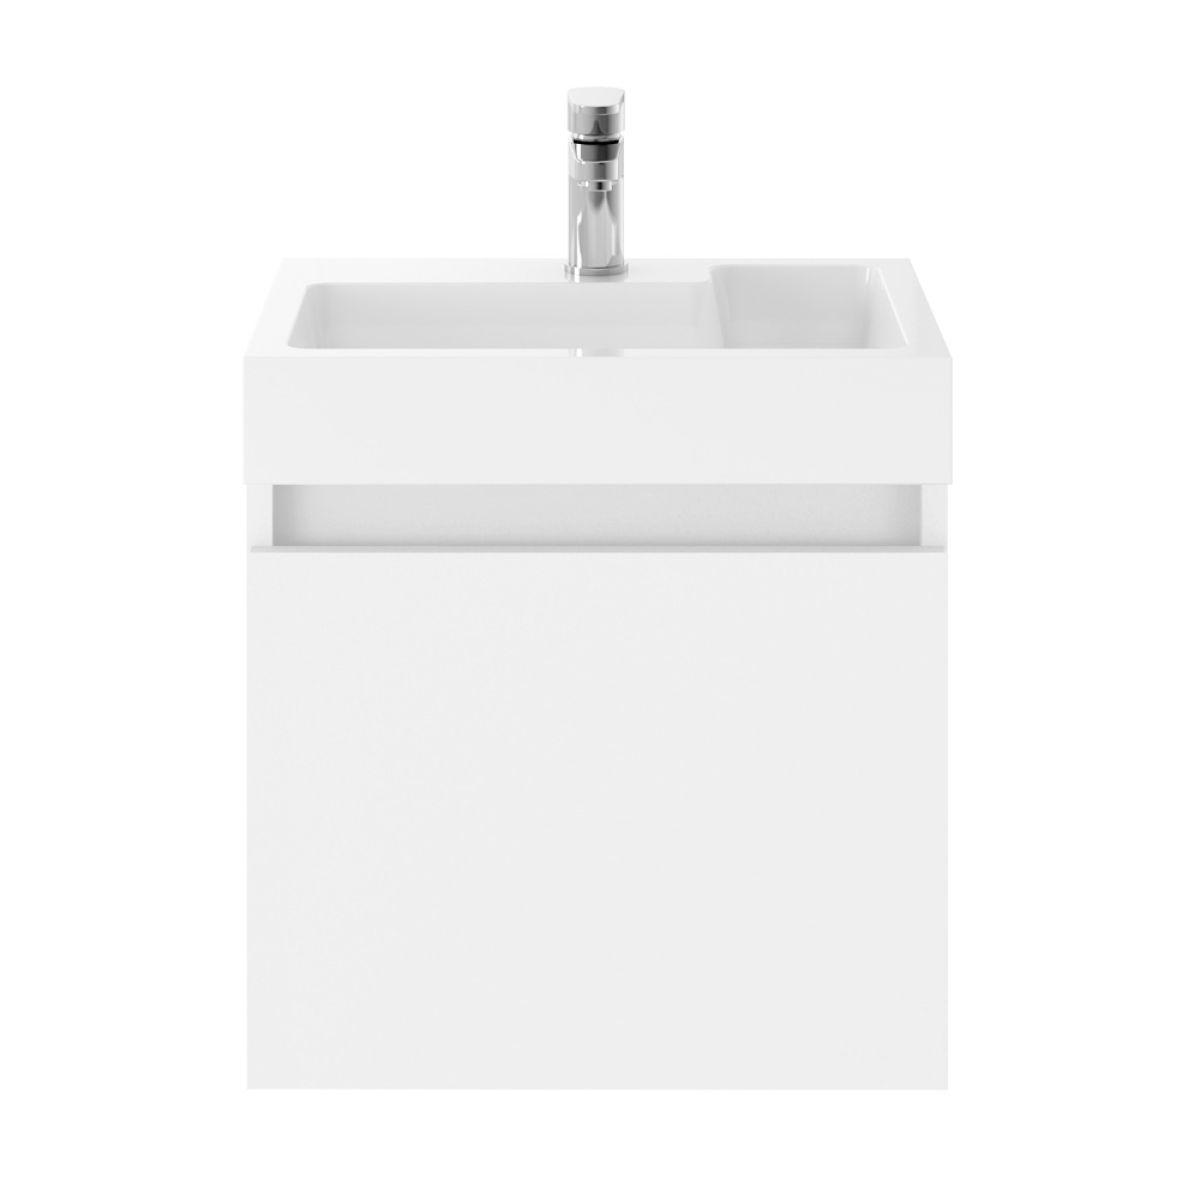 Premier Merit Gloss White Vanity Unit 500mm